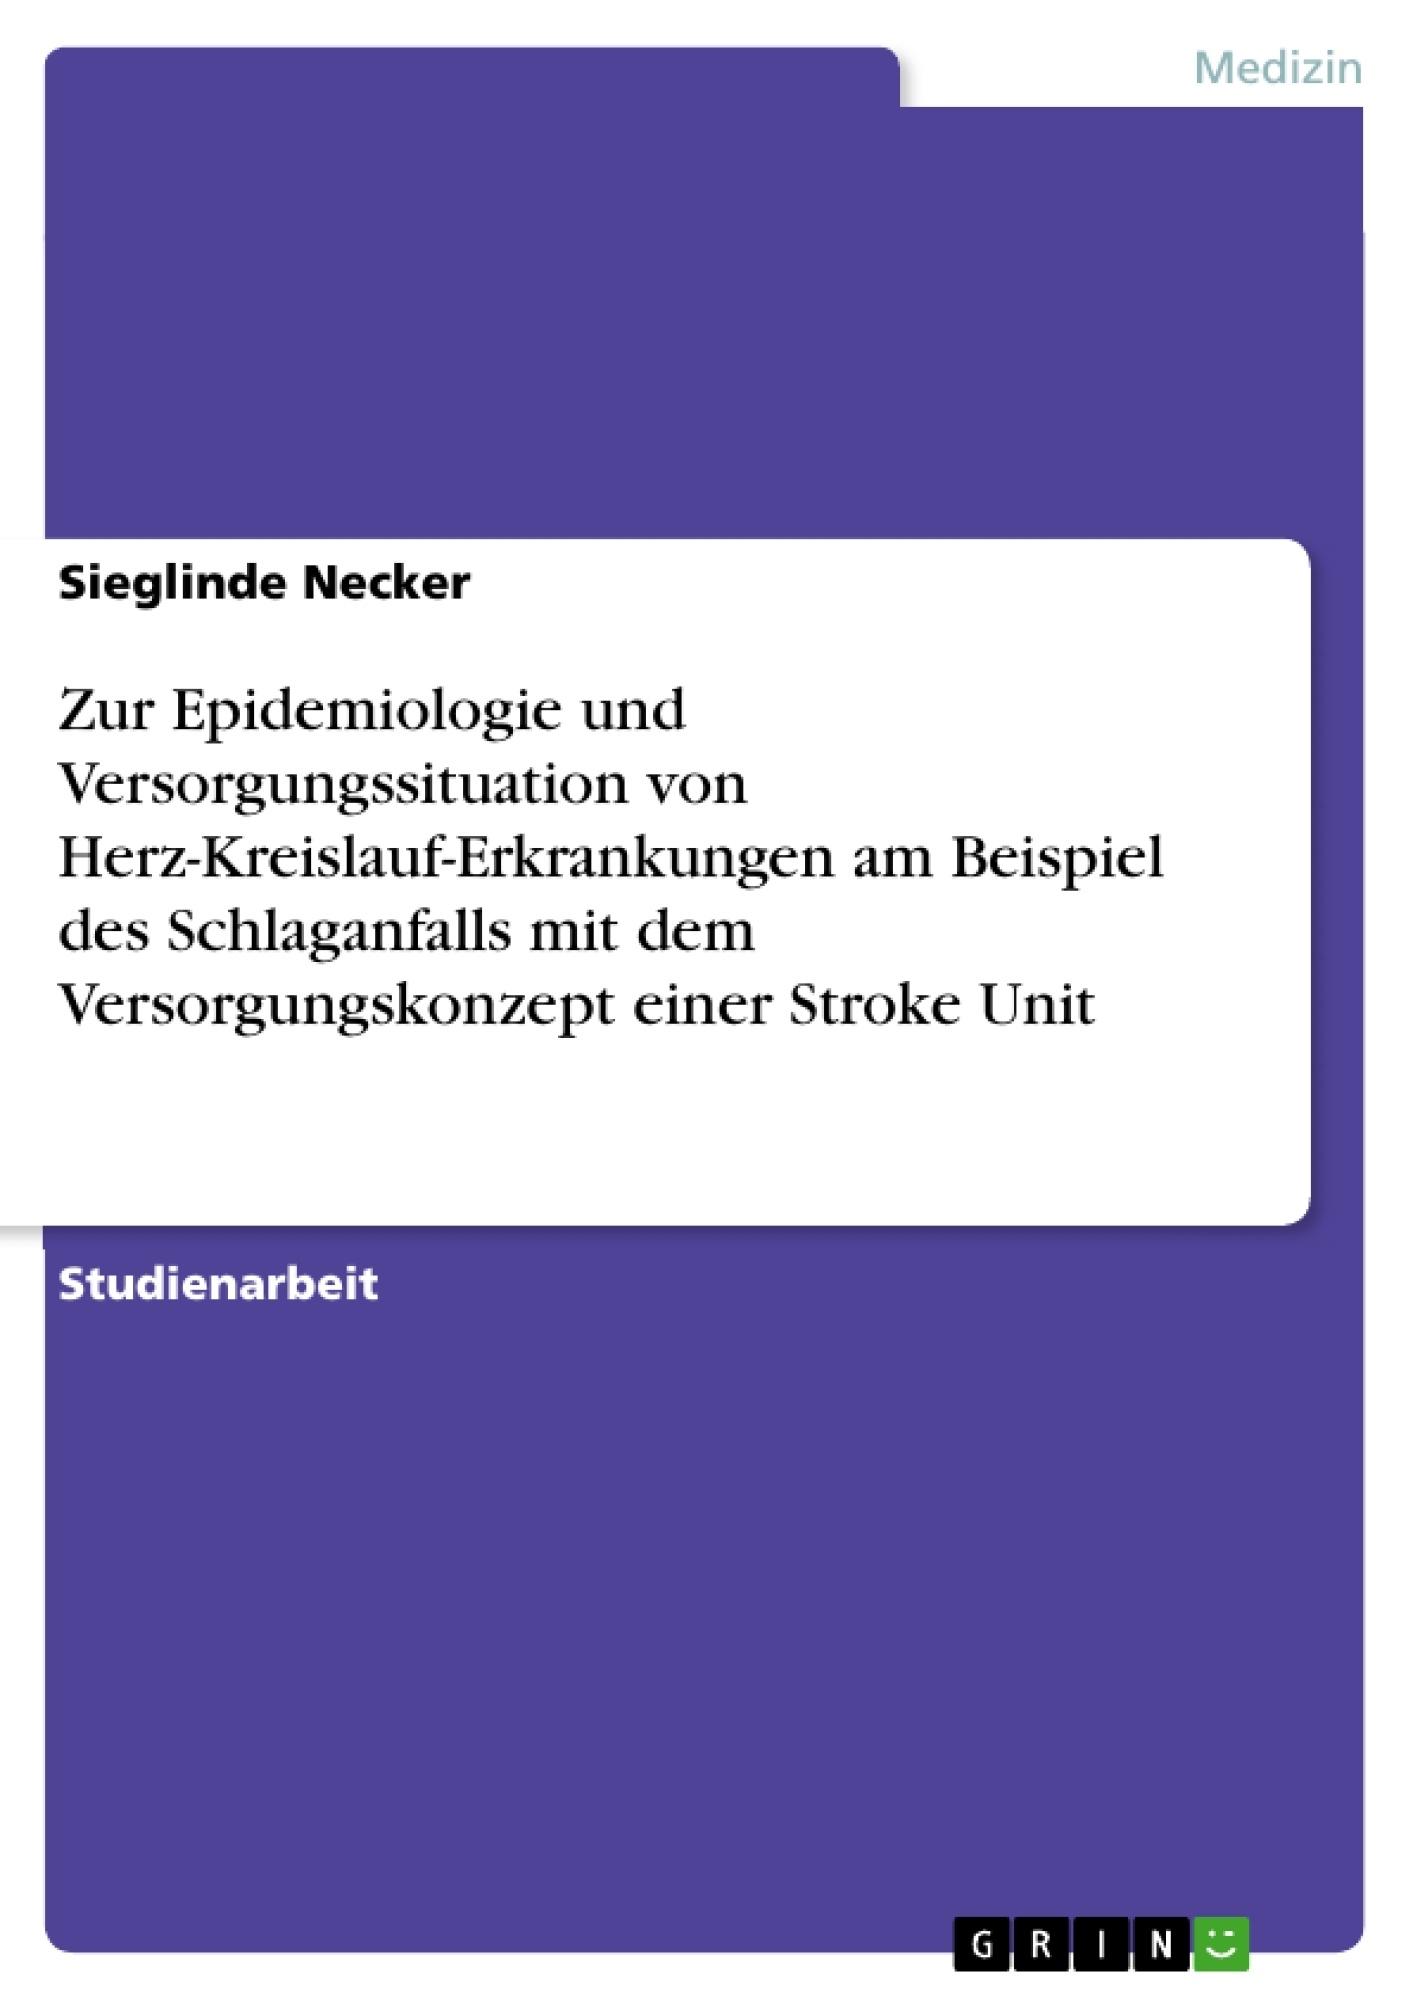 Titel: Zur Epidemiologie und Versorgungssituation von Herz-Kreislauf-Erkrankungen am Beispiel des Schlaganfalls mit dem Versorgungskonzept einer Stroke Unit